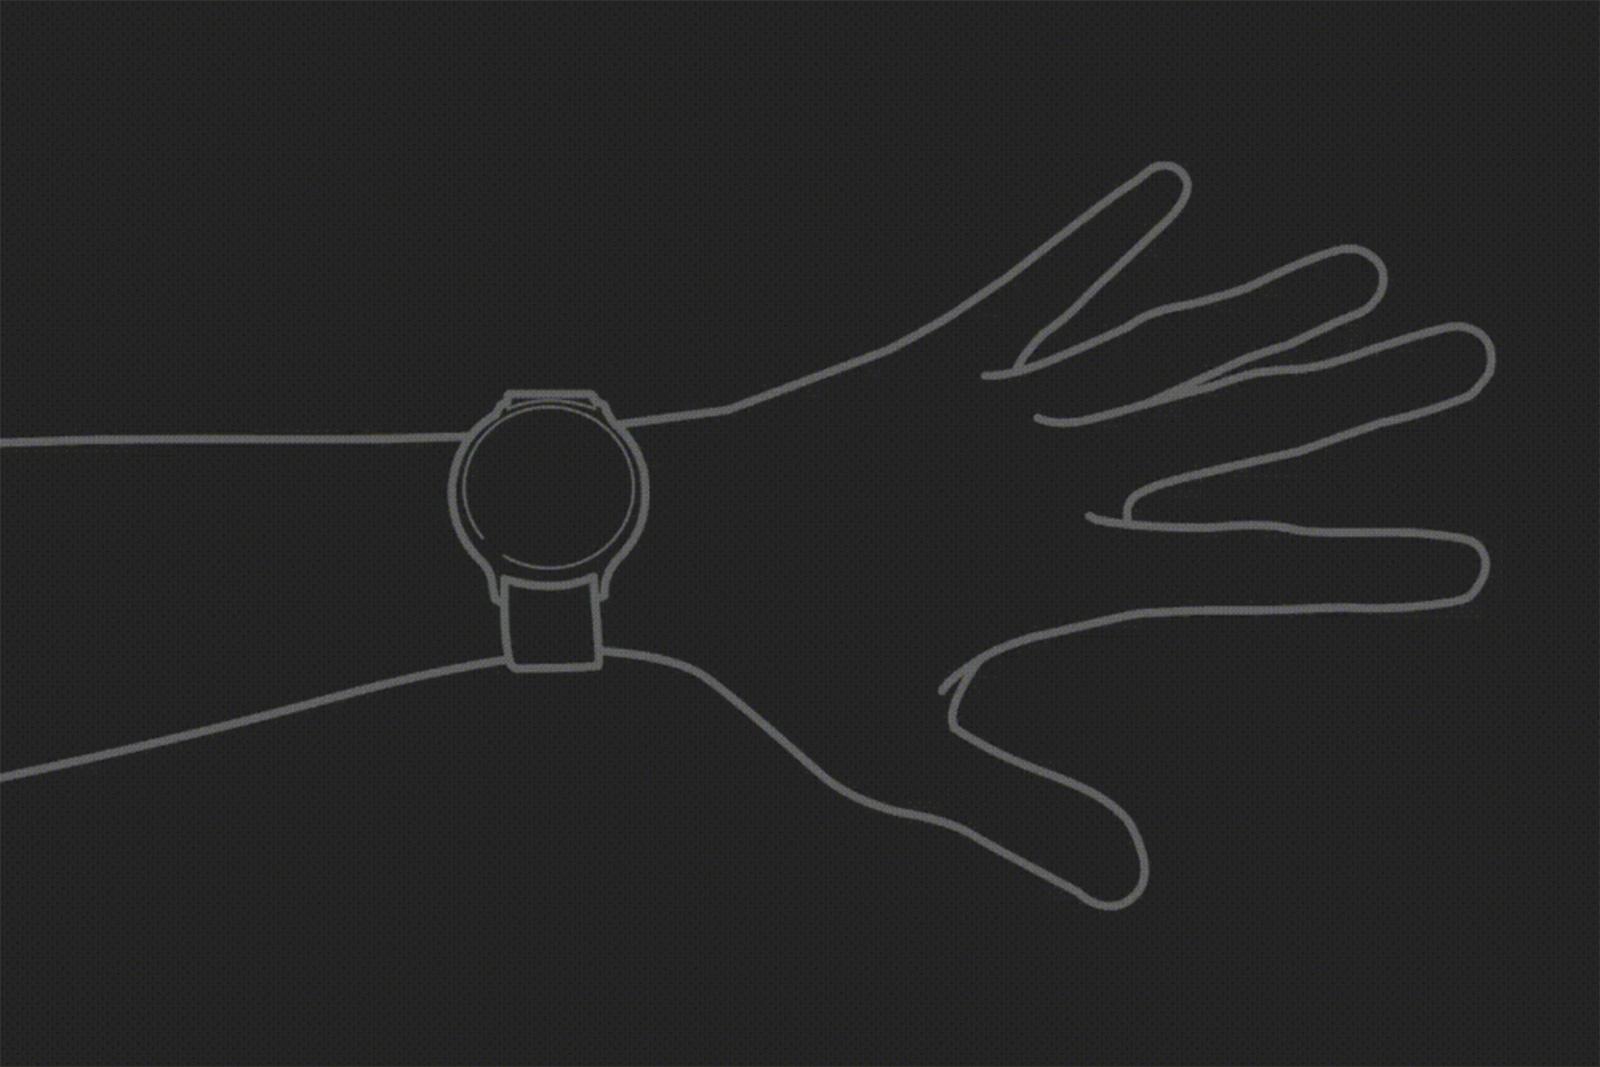 ساعة سامسونج Galaxy Watch 3 ستدعم ميزة الرد على المكالمات وتجاهلها بايماءات اليد